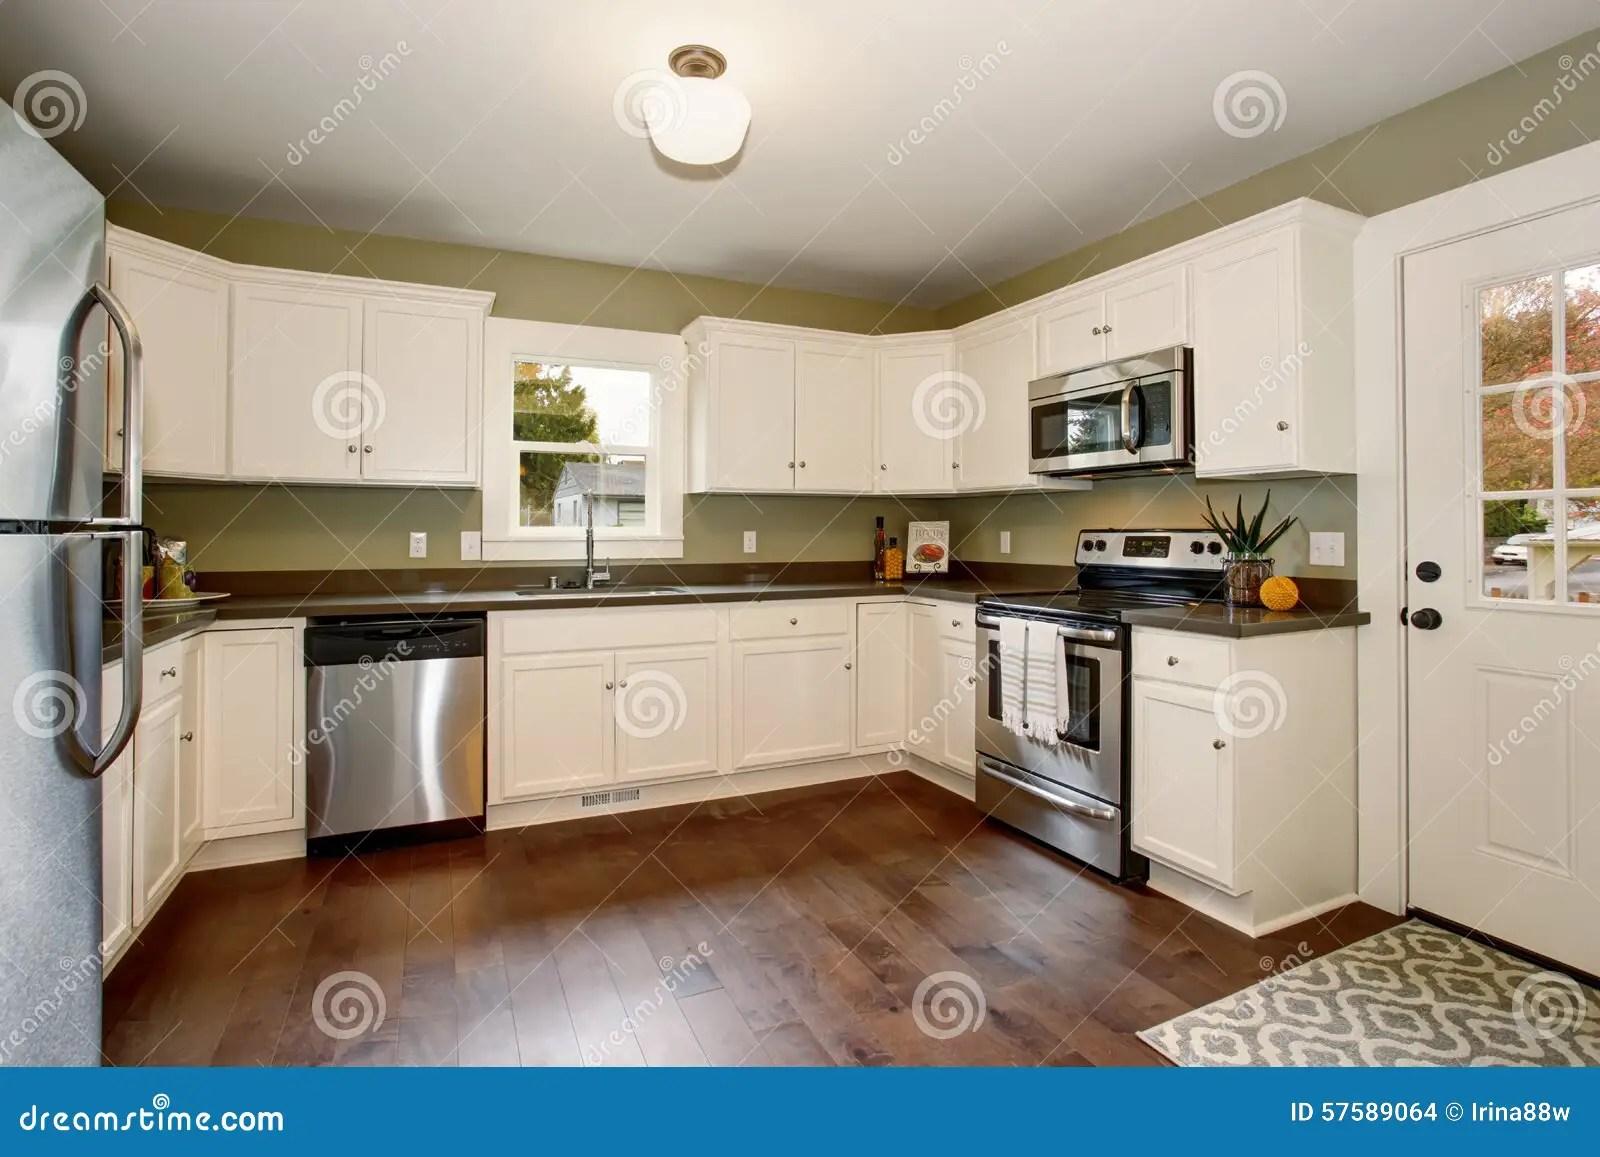 kitchen paints how much does it cost to replace cabinet doors 有绿色内部油漆的经典厨房和白色内阁库存照片 图片包括有机柜 不锈 有绿色内部油漆 硬木地板和白色内阁的经典厨房